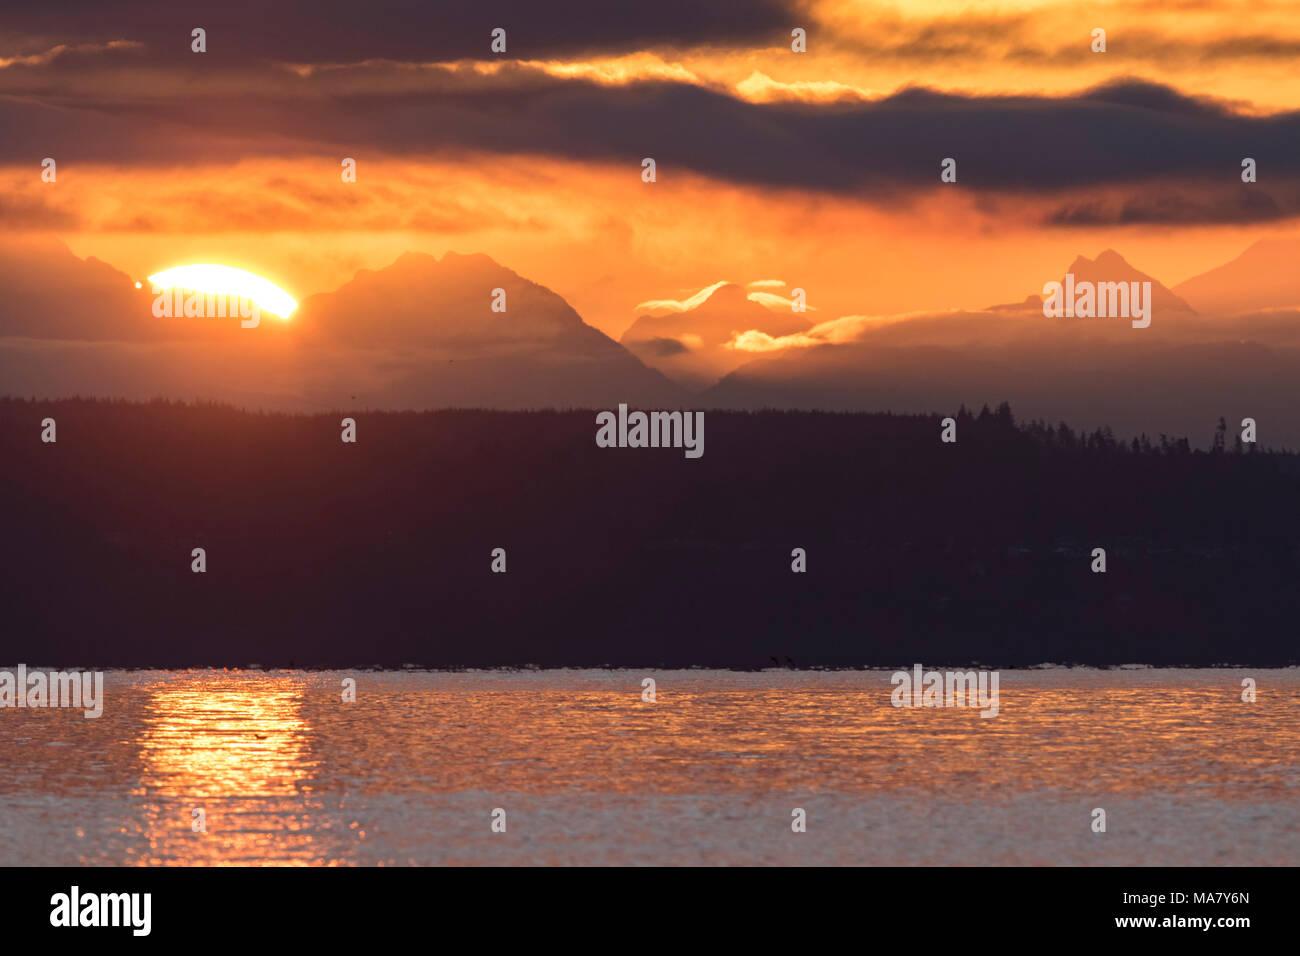 Sunrise, sorgere del sole, sulle montagne. Montagne al tramonto panoramico. Colorati e scenic sunrise oltre le Cascade Mountains. Da Port Townsend. Immagini Stock